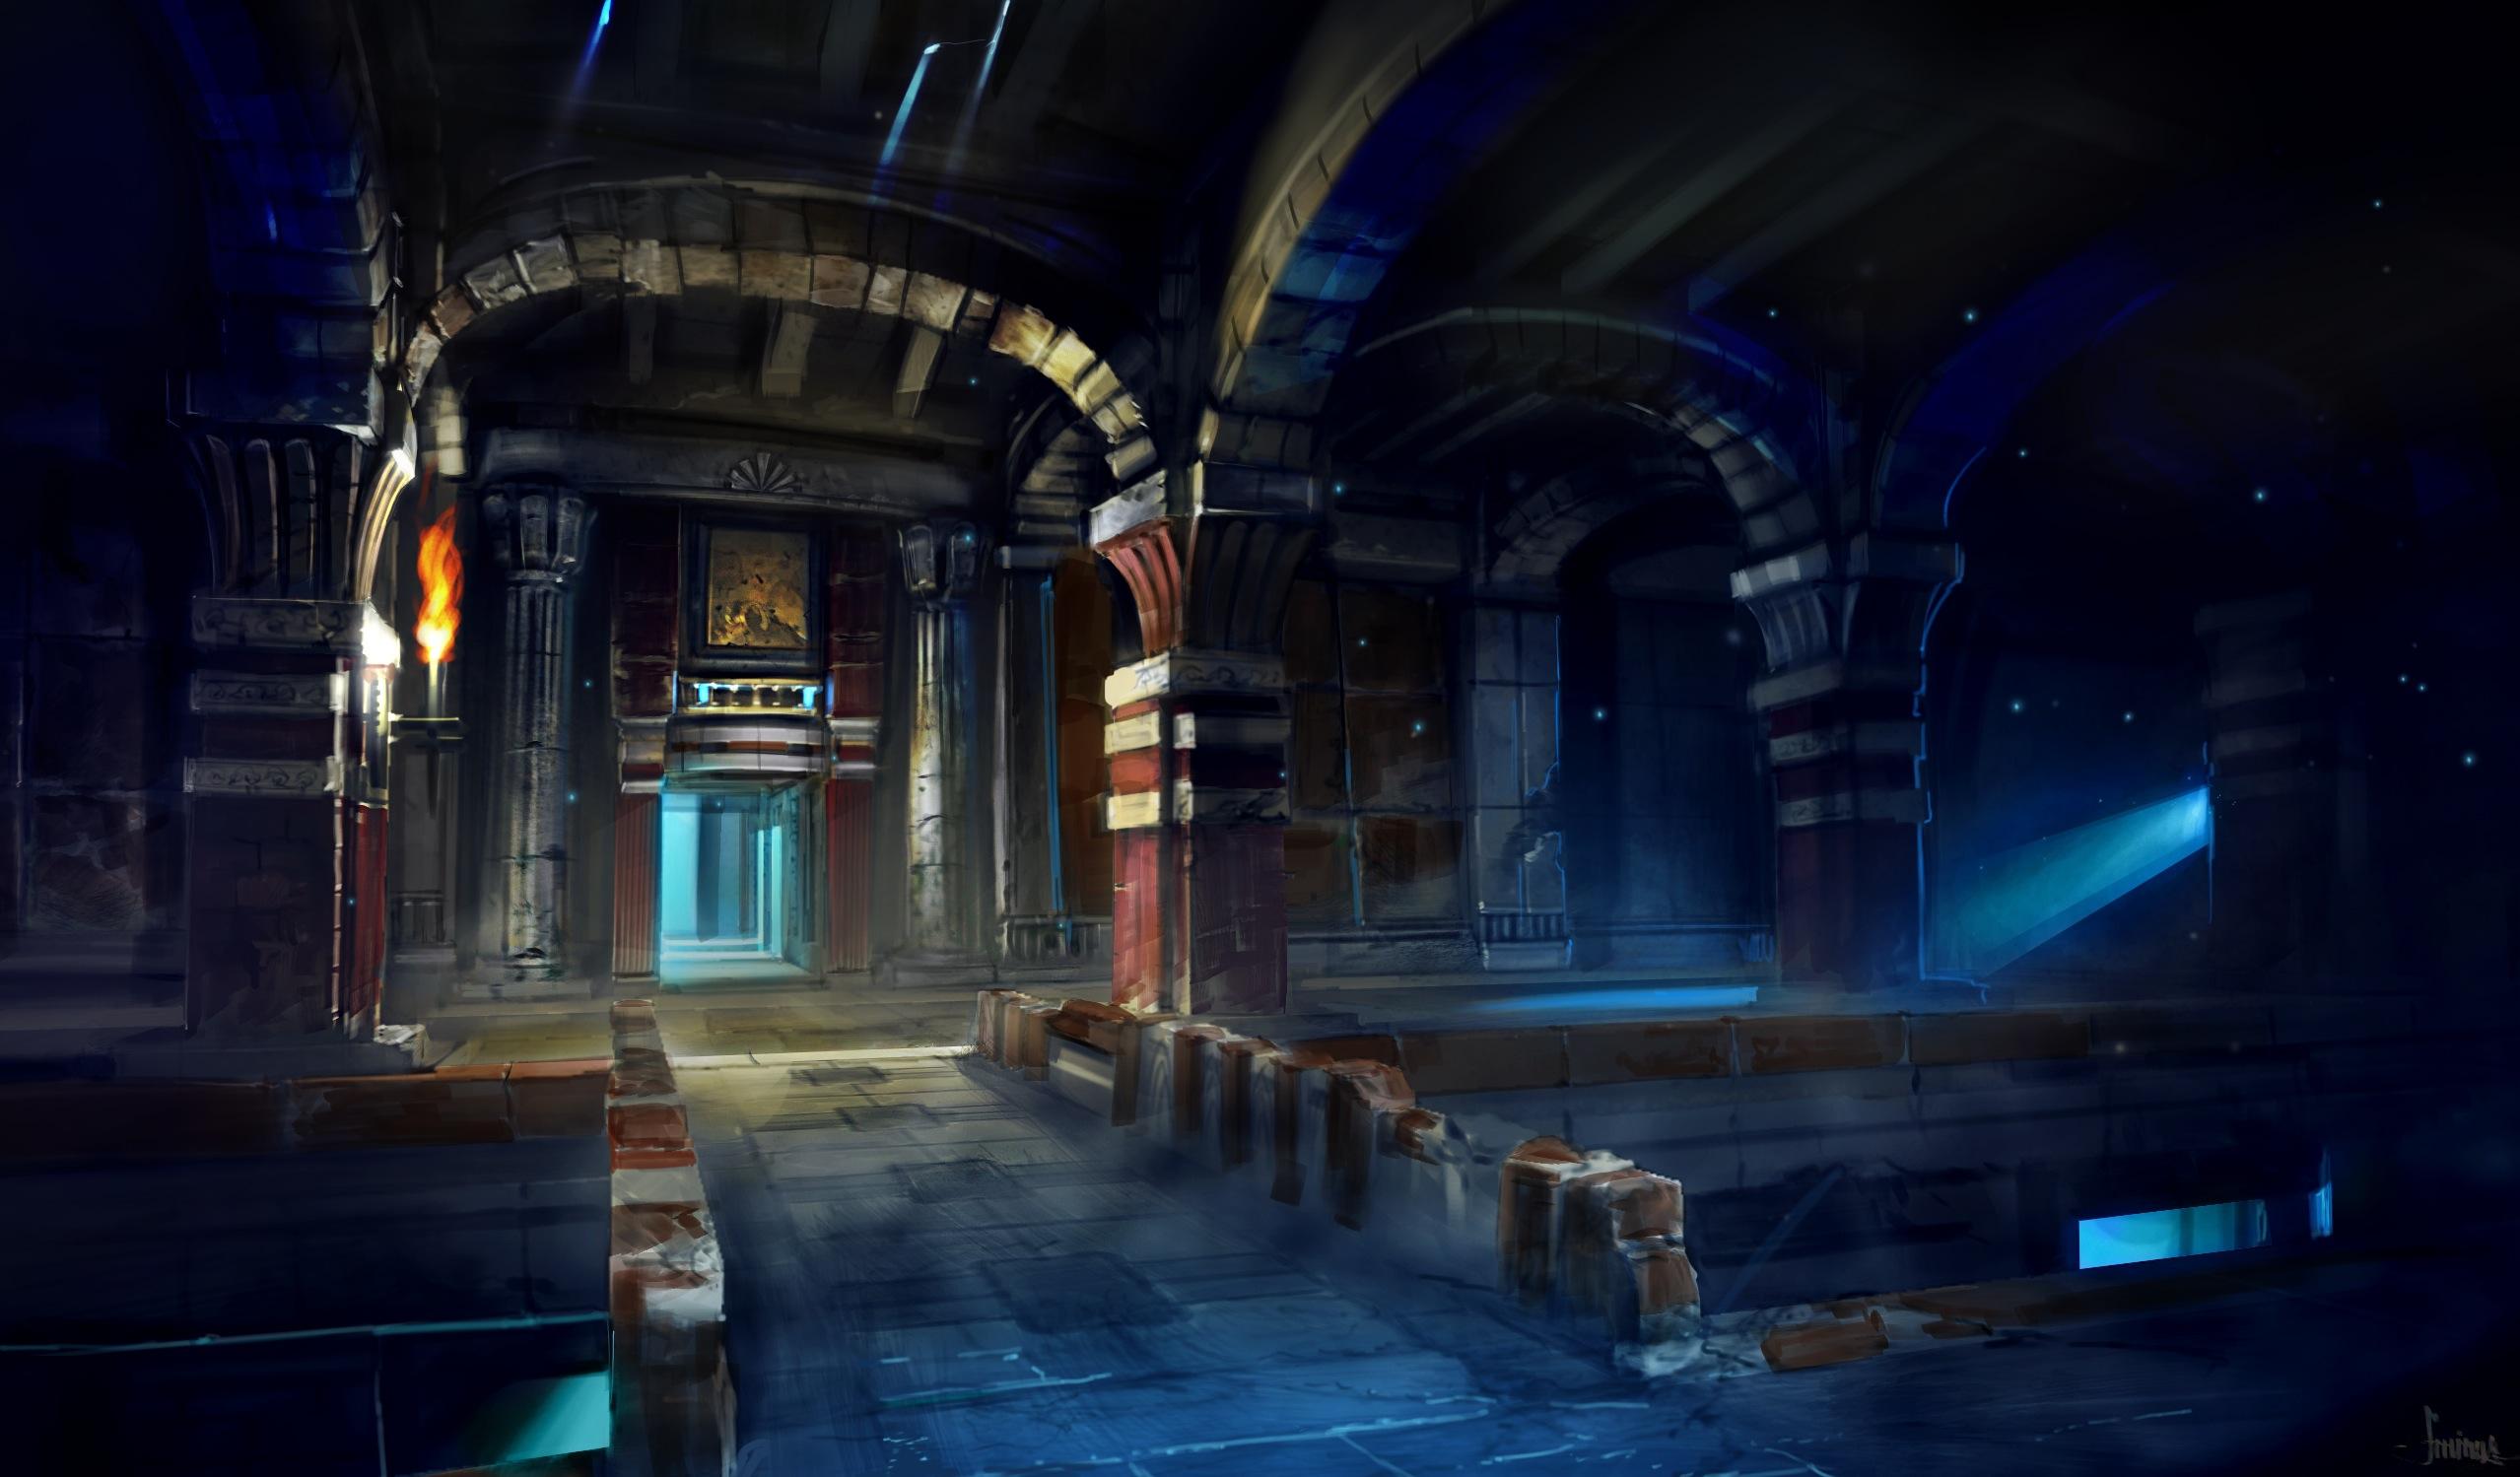 Скриншот Might & Magic X - Legacy (2014) REPACK ОТ R.G. МЕХАНИКИ скачать торрент бесплатно